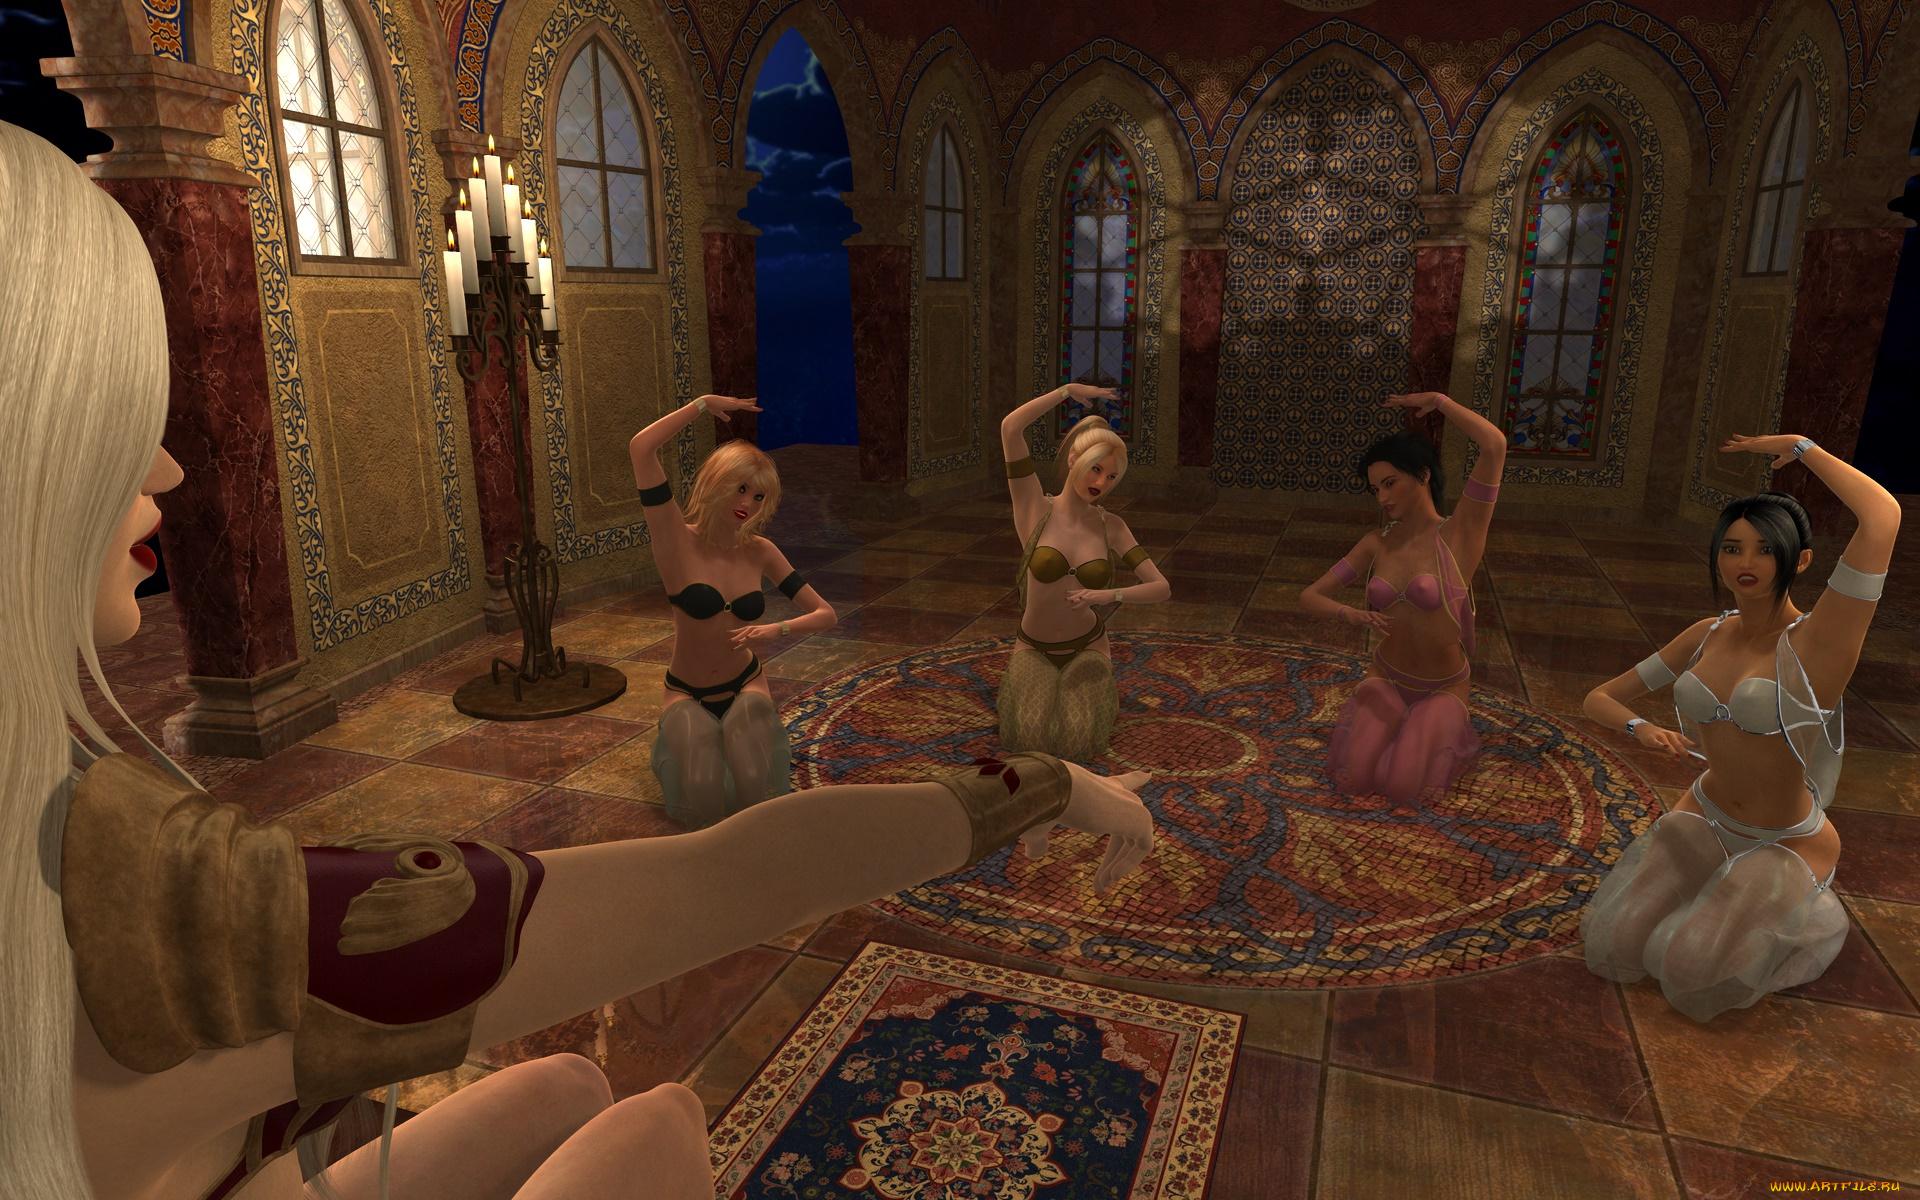 рабыни танцуют онлайн